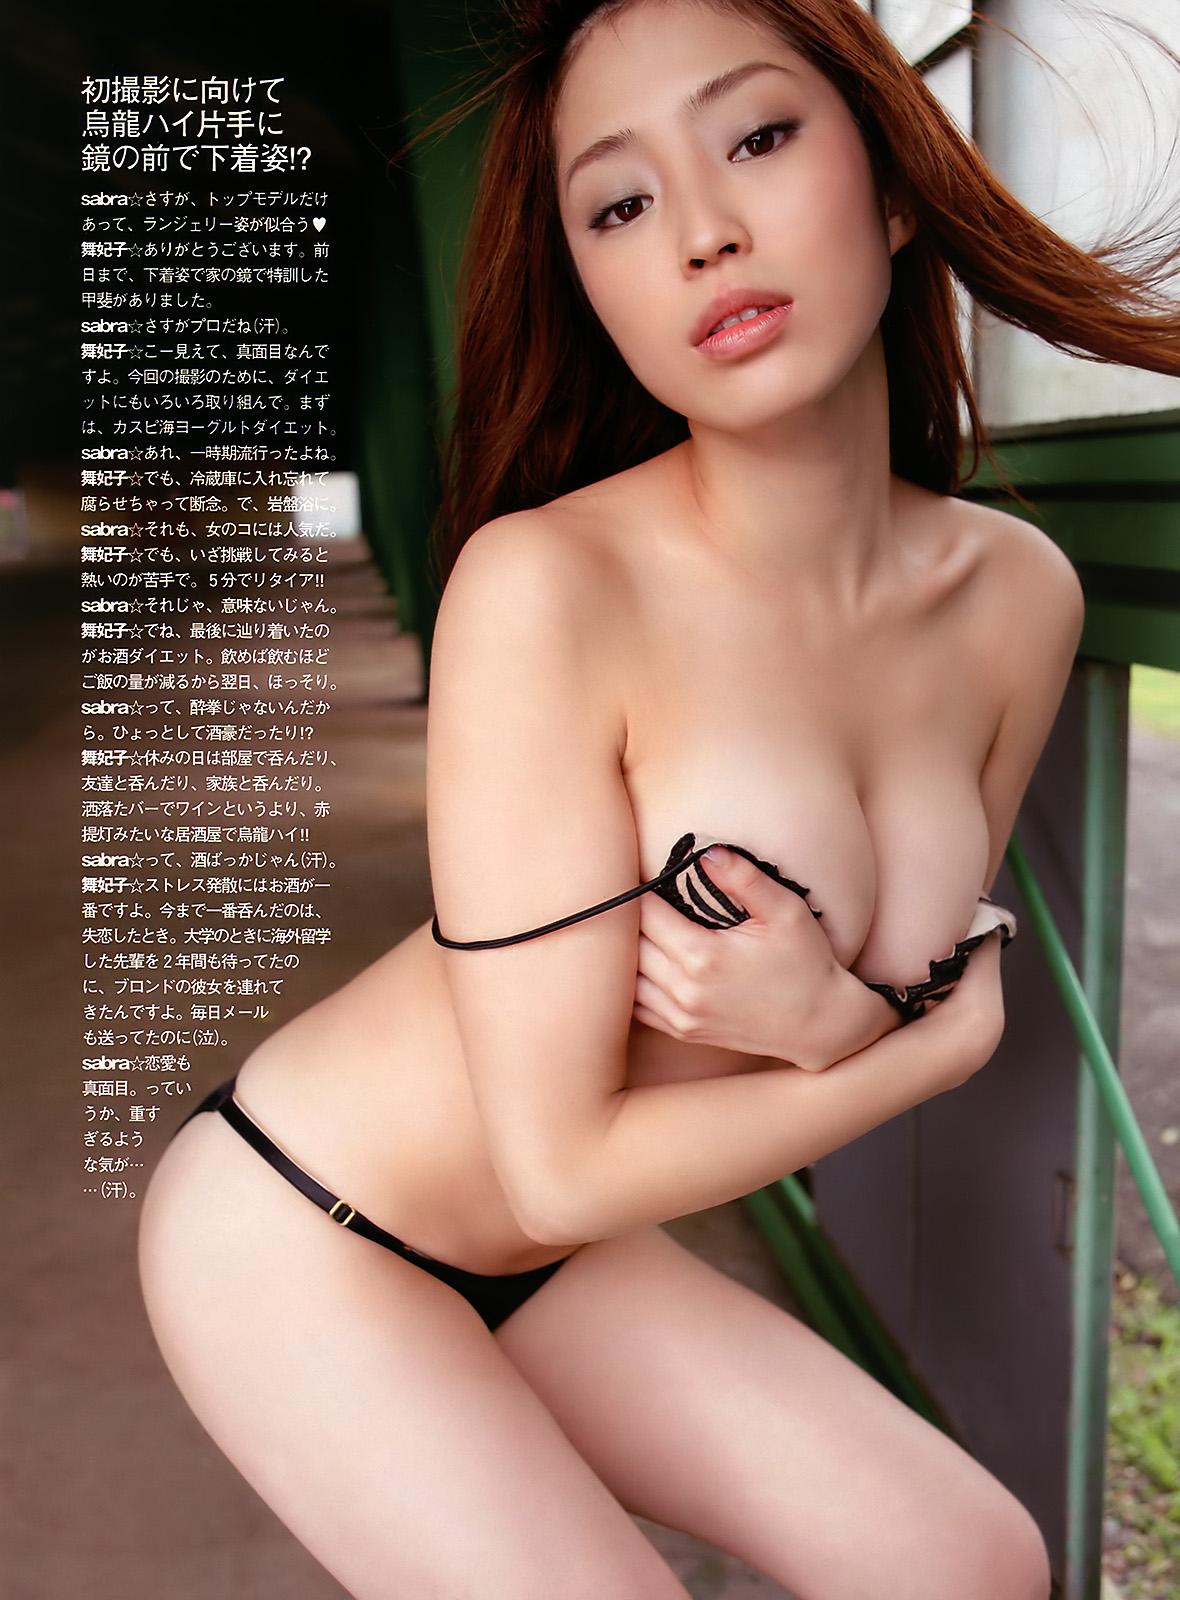 http://3.bp.blogspot.com/_DGG31P0omt8/TF1myReG00I/AAAAAAAAAig/po6GW8keo0o/s1600/30166_2_122_531lo.jpg